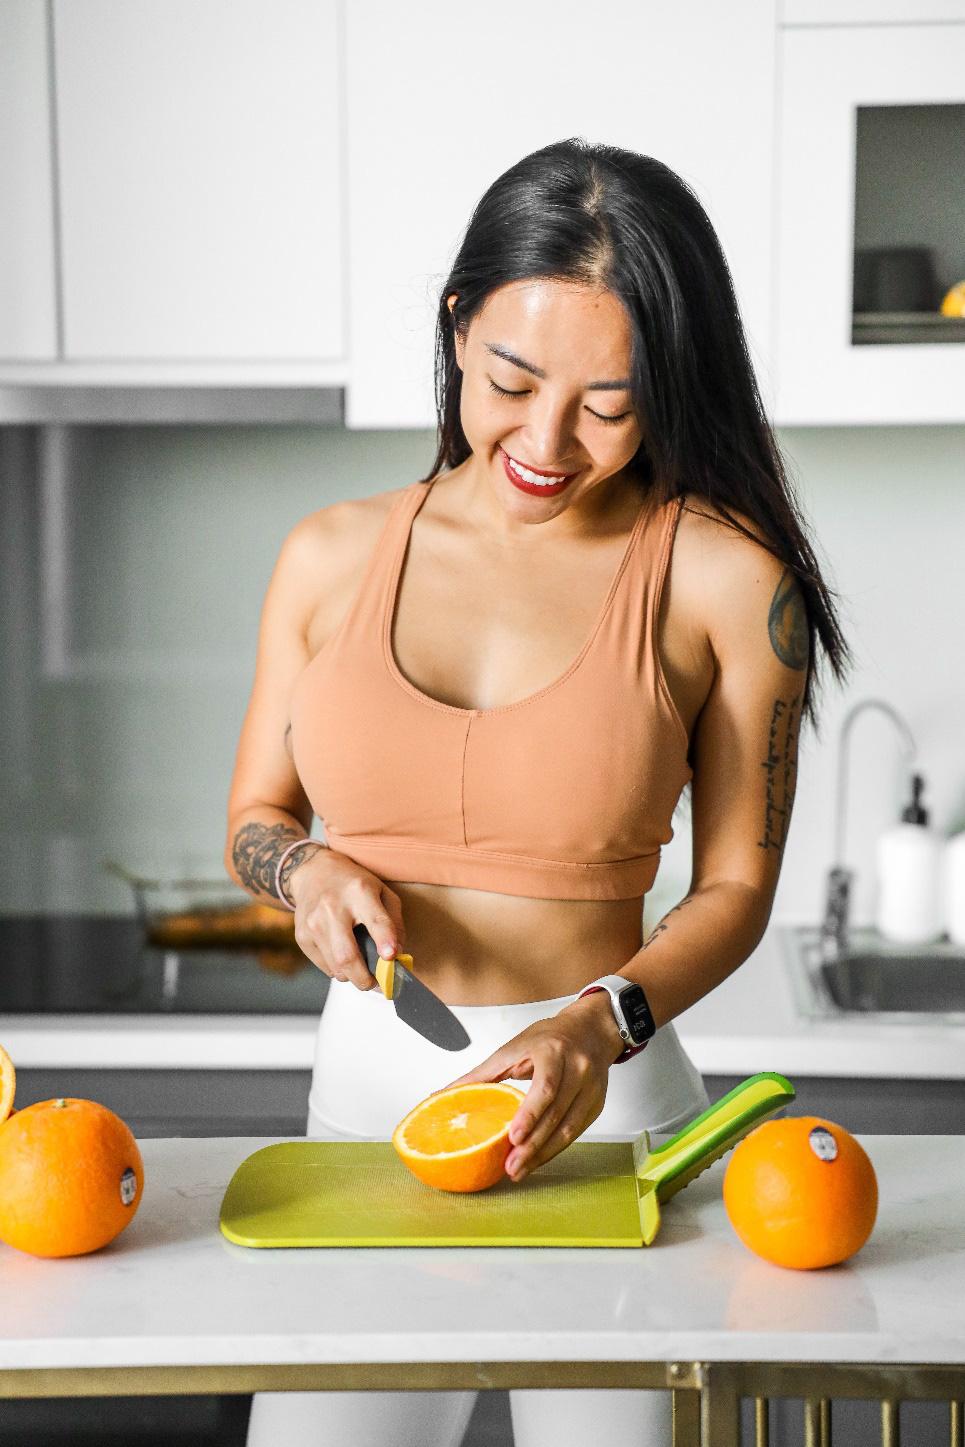 Lối sống cân bằng không khó như bạn nghĩ, Hana Giang Anh vừa tiết lộ bí quyết đơn giản trong ăn uống! - Ảnh 3.